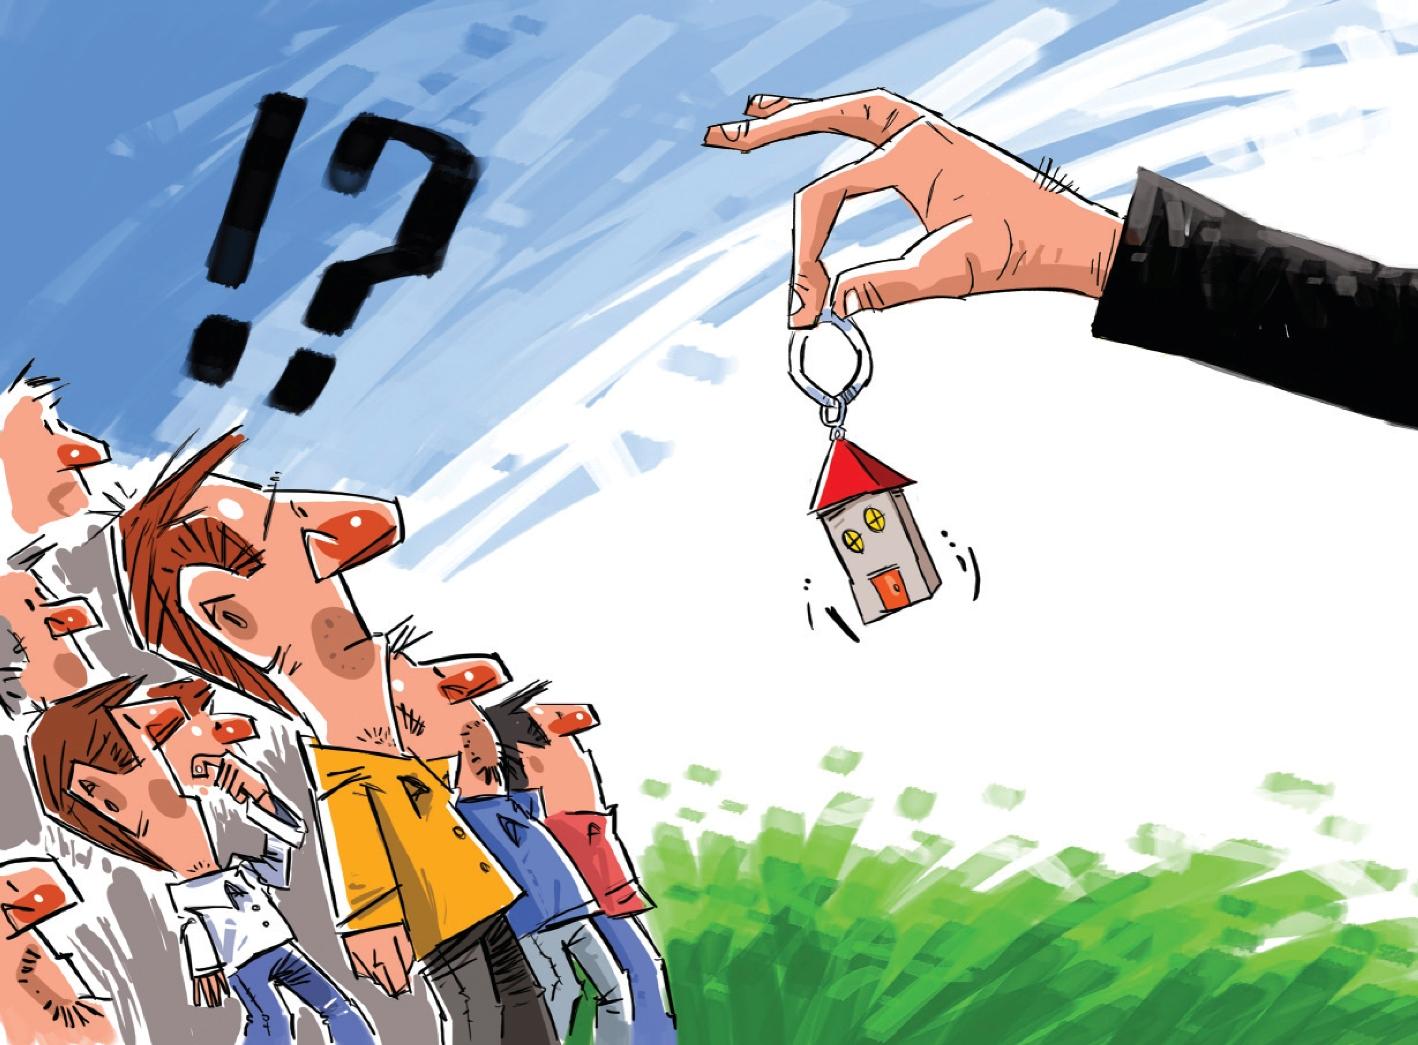 عکس العمل رئیس اتحادیه مشاوران املاک به بیشتر شدن قیمت وام مسکن